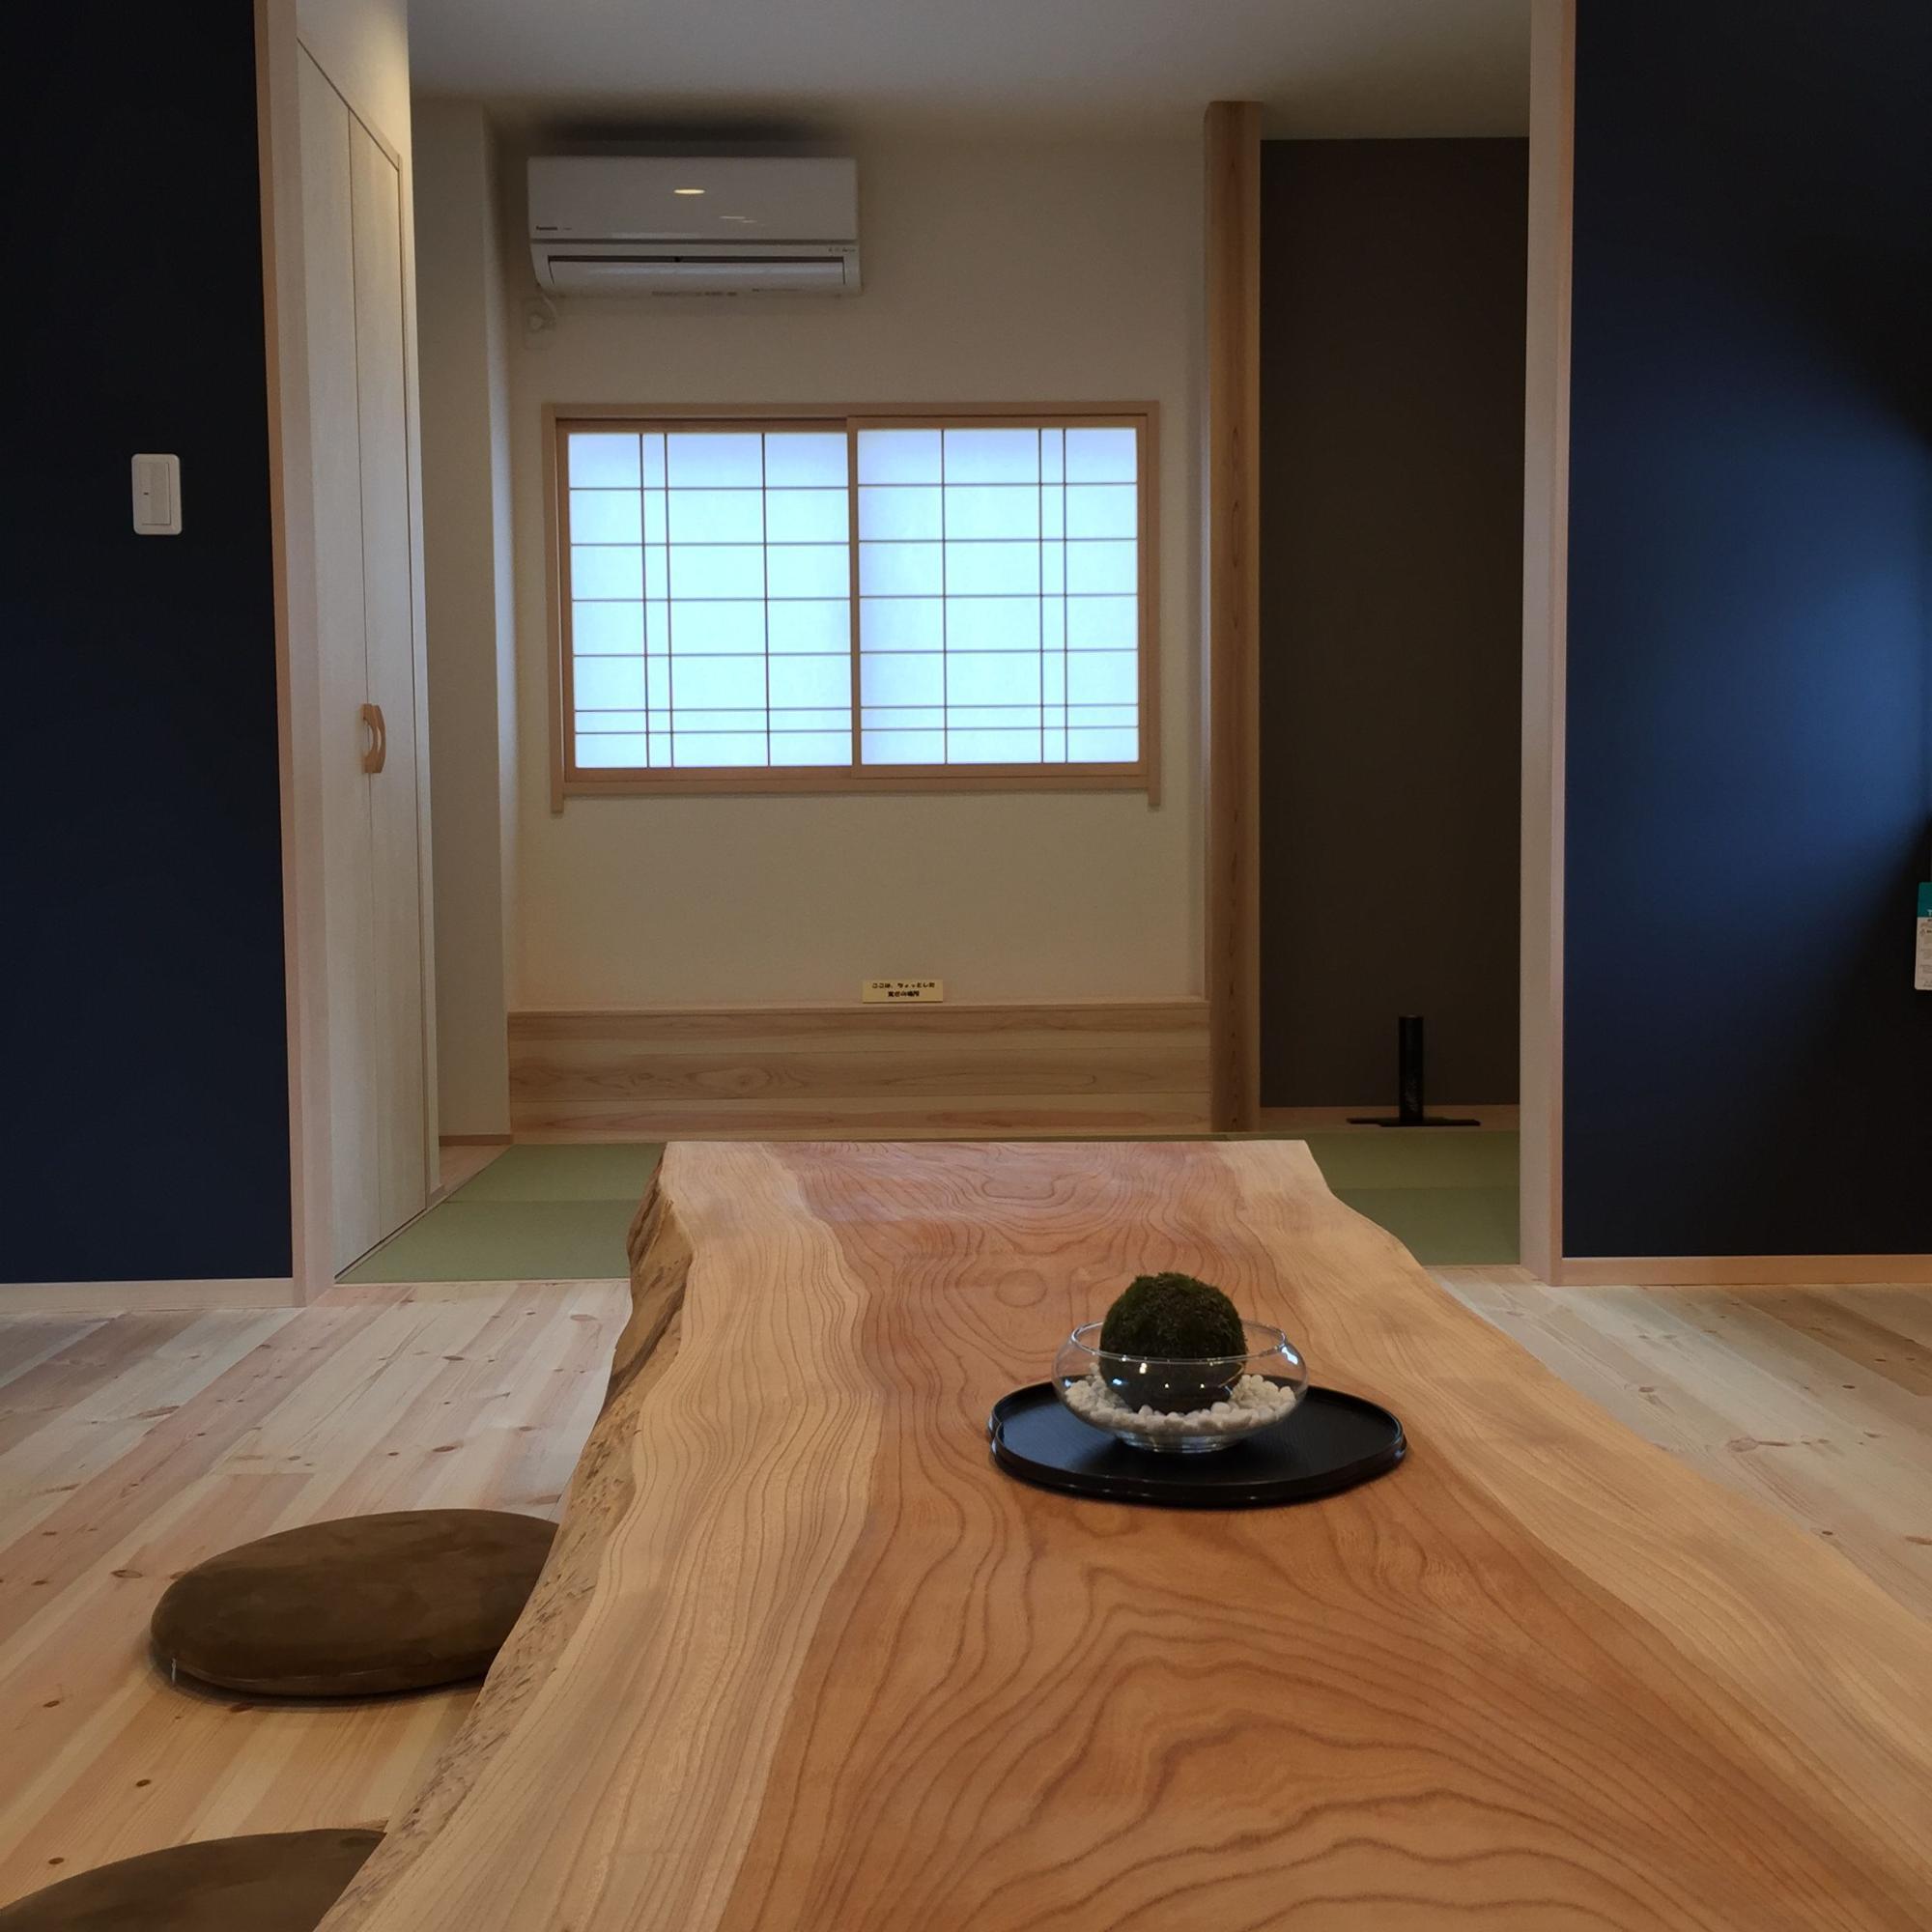 ウエストウッズ設計事務所「なかよし家族の笑顔あふれる座のだんらん」の和風・和モダンな居室の実例写真